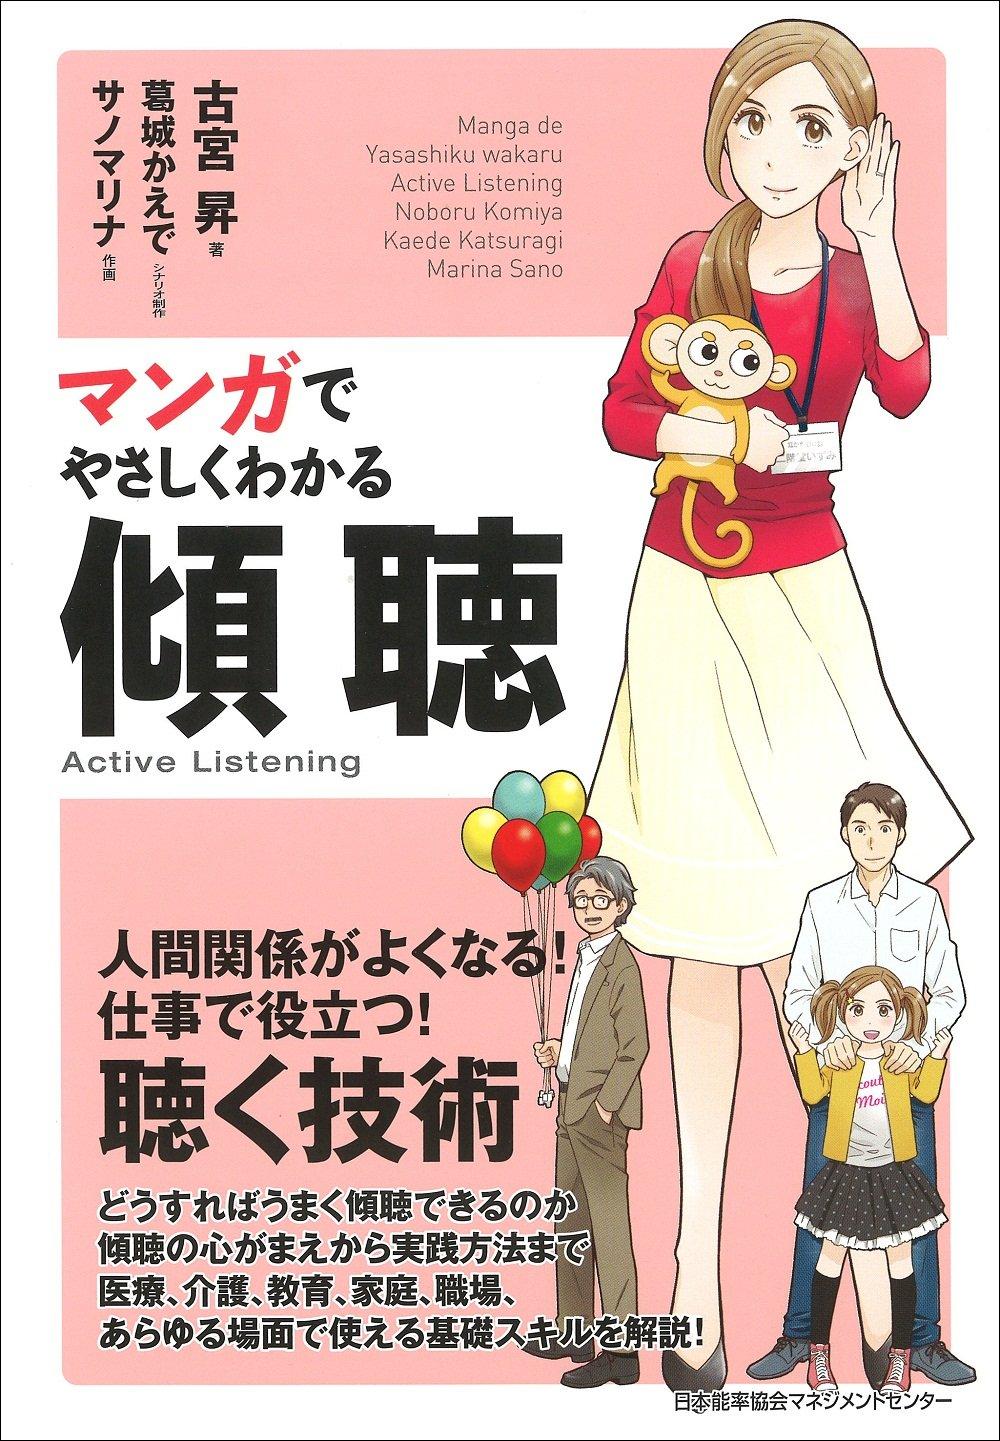 マンガでやさしくわかるシリーズ紹介【傾聴】